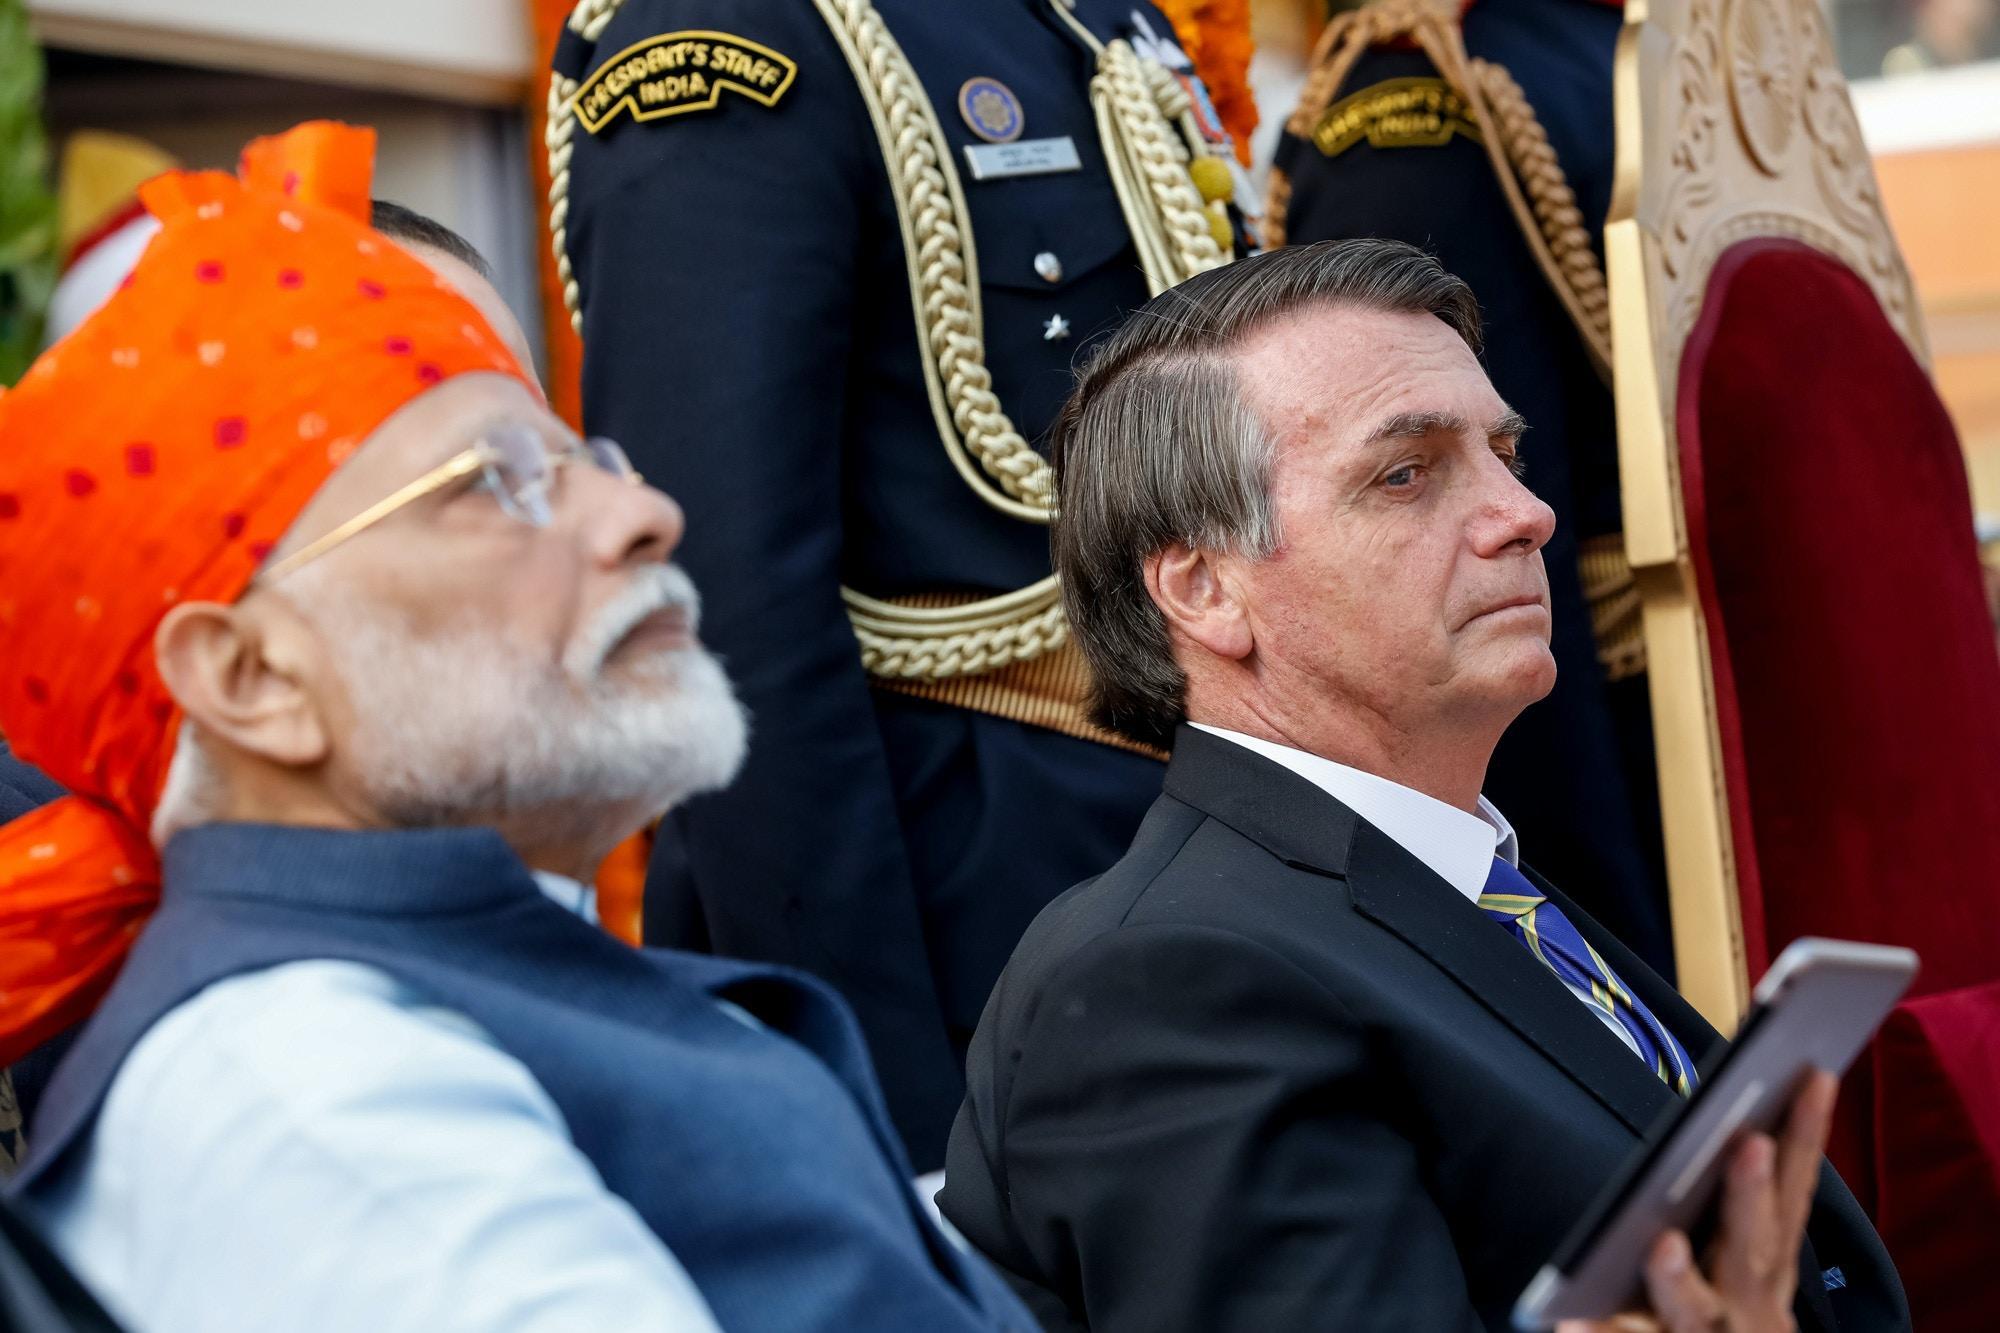 O primeiro ministro da Índia, Narendra Modi, e Jair Bolsonaro durante cerimônia do Dia da República da Índia